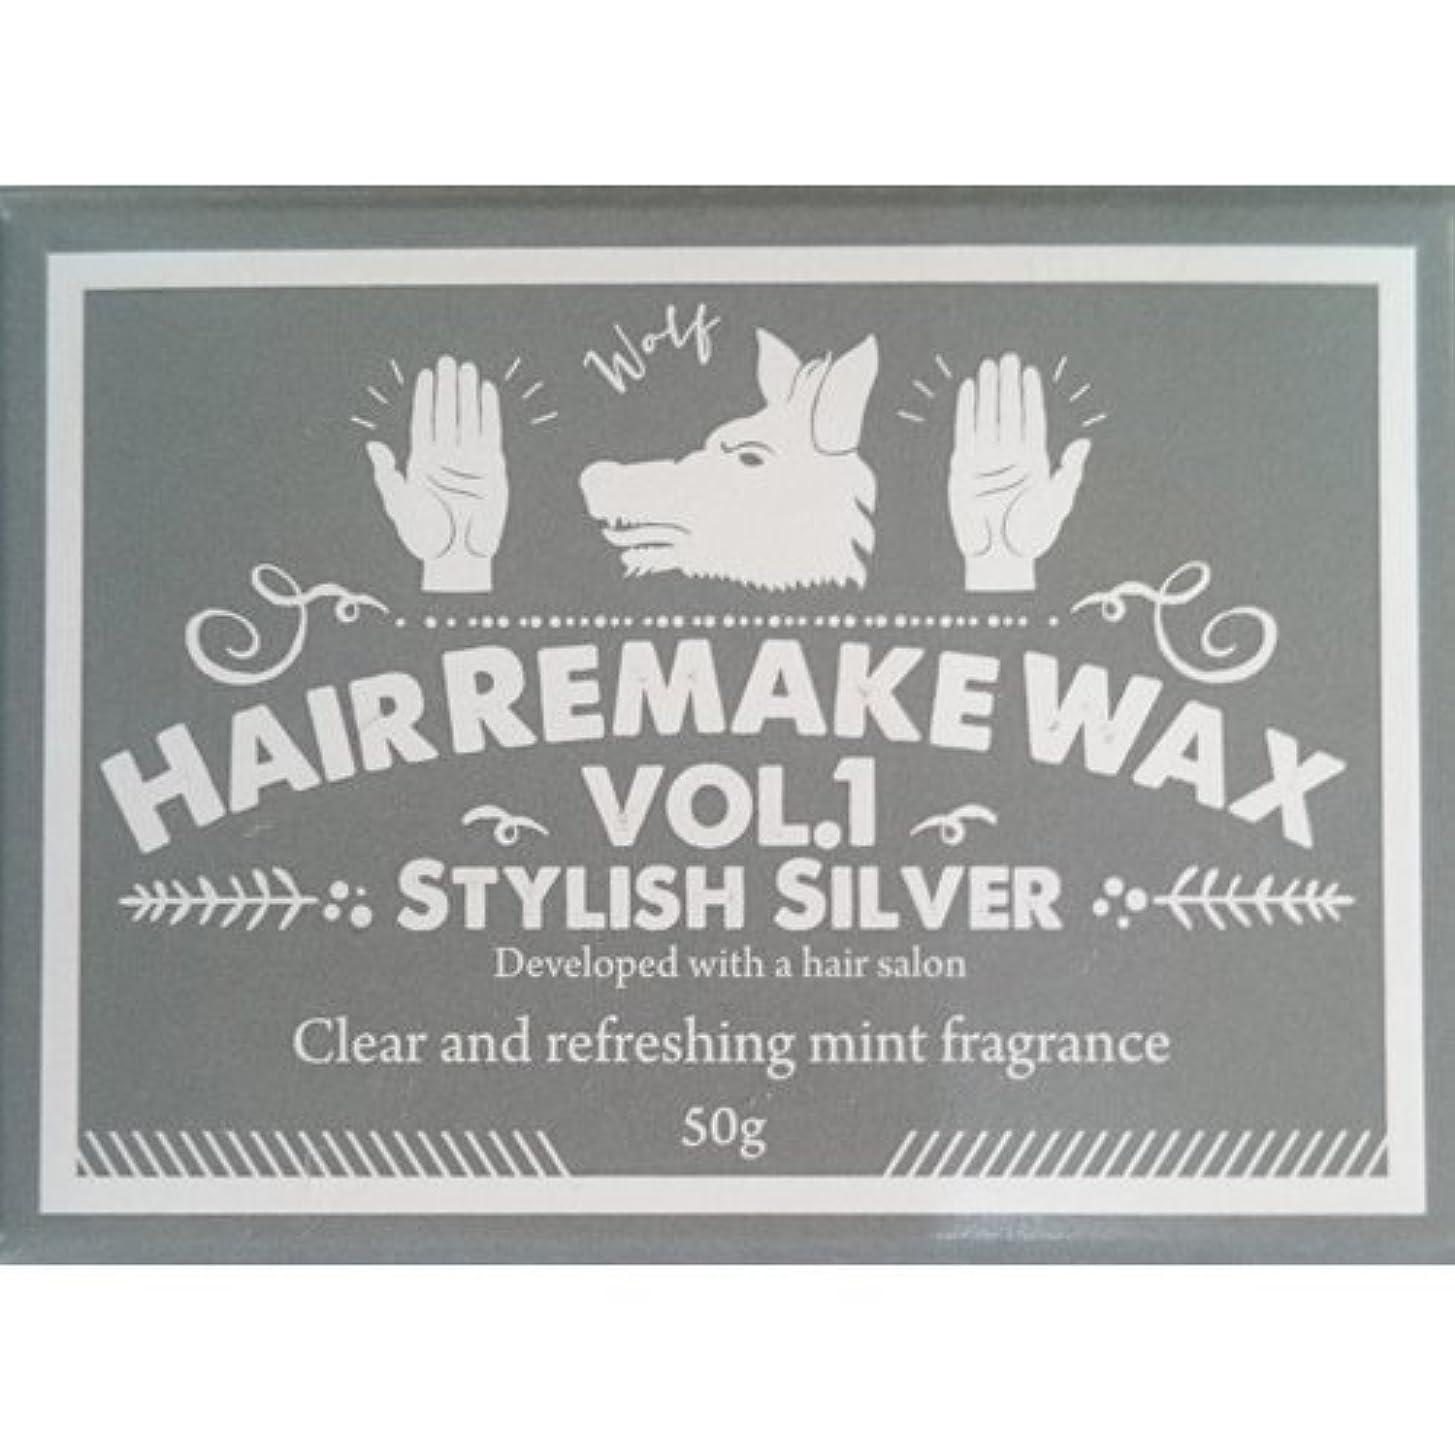 ドループに対処する無パーティー 変装 銀髪用 Hair Remake(ヘアーリメイクワックス)WAX Vol.1 スタイリッシュシルバー 50g